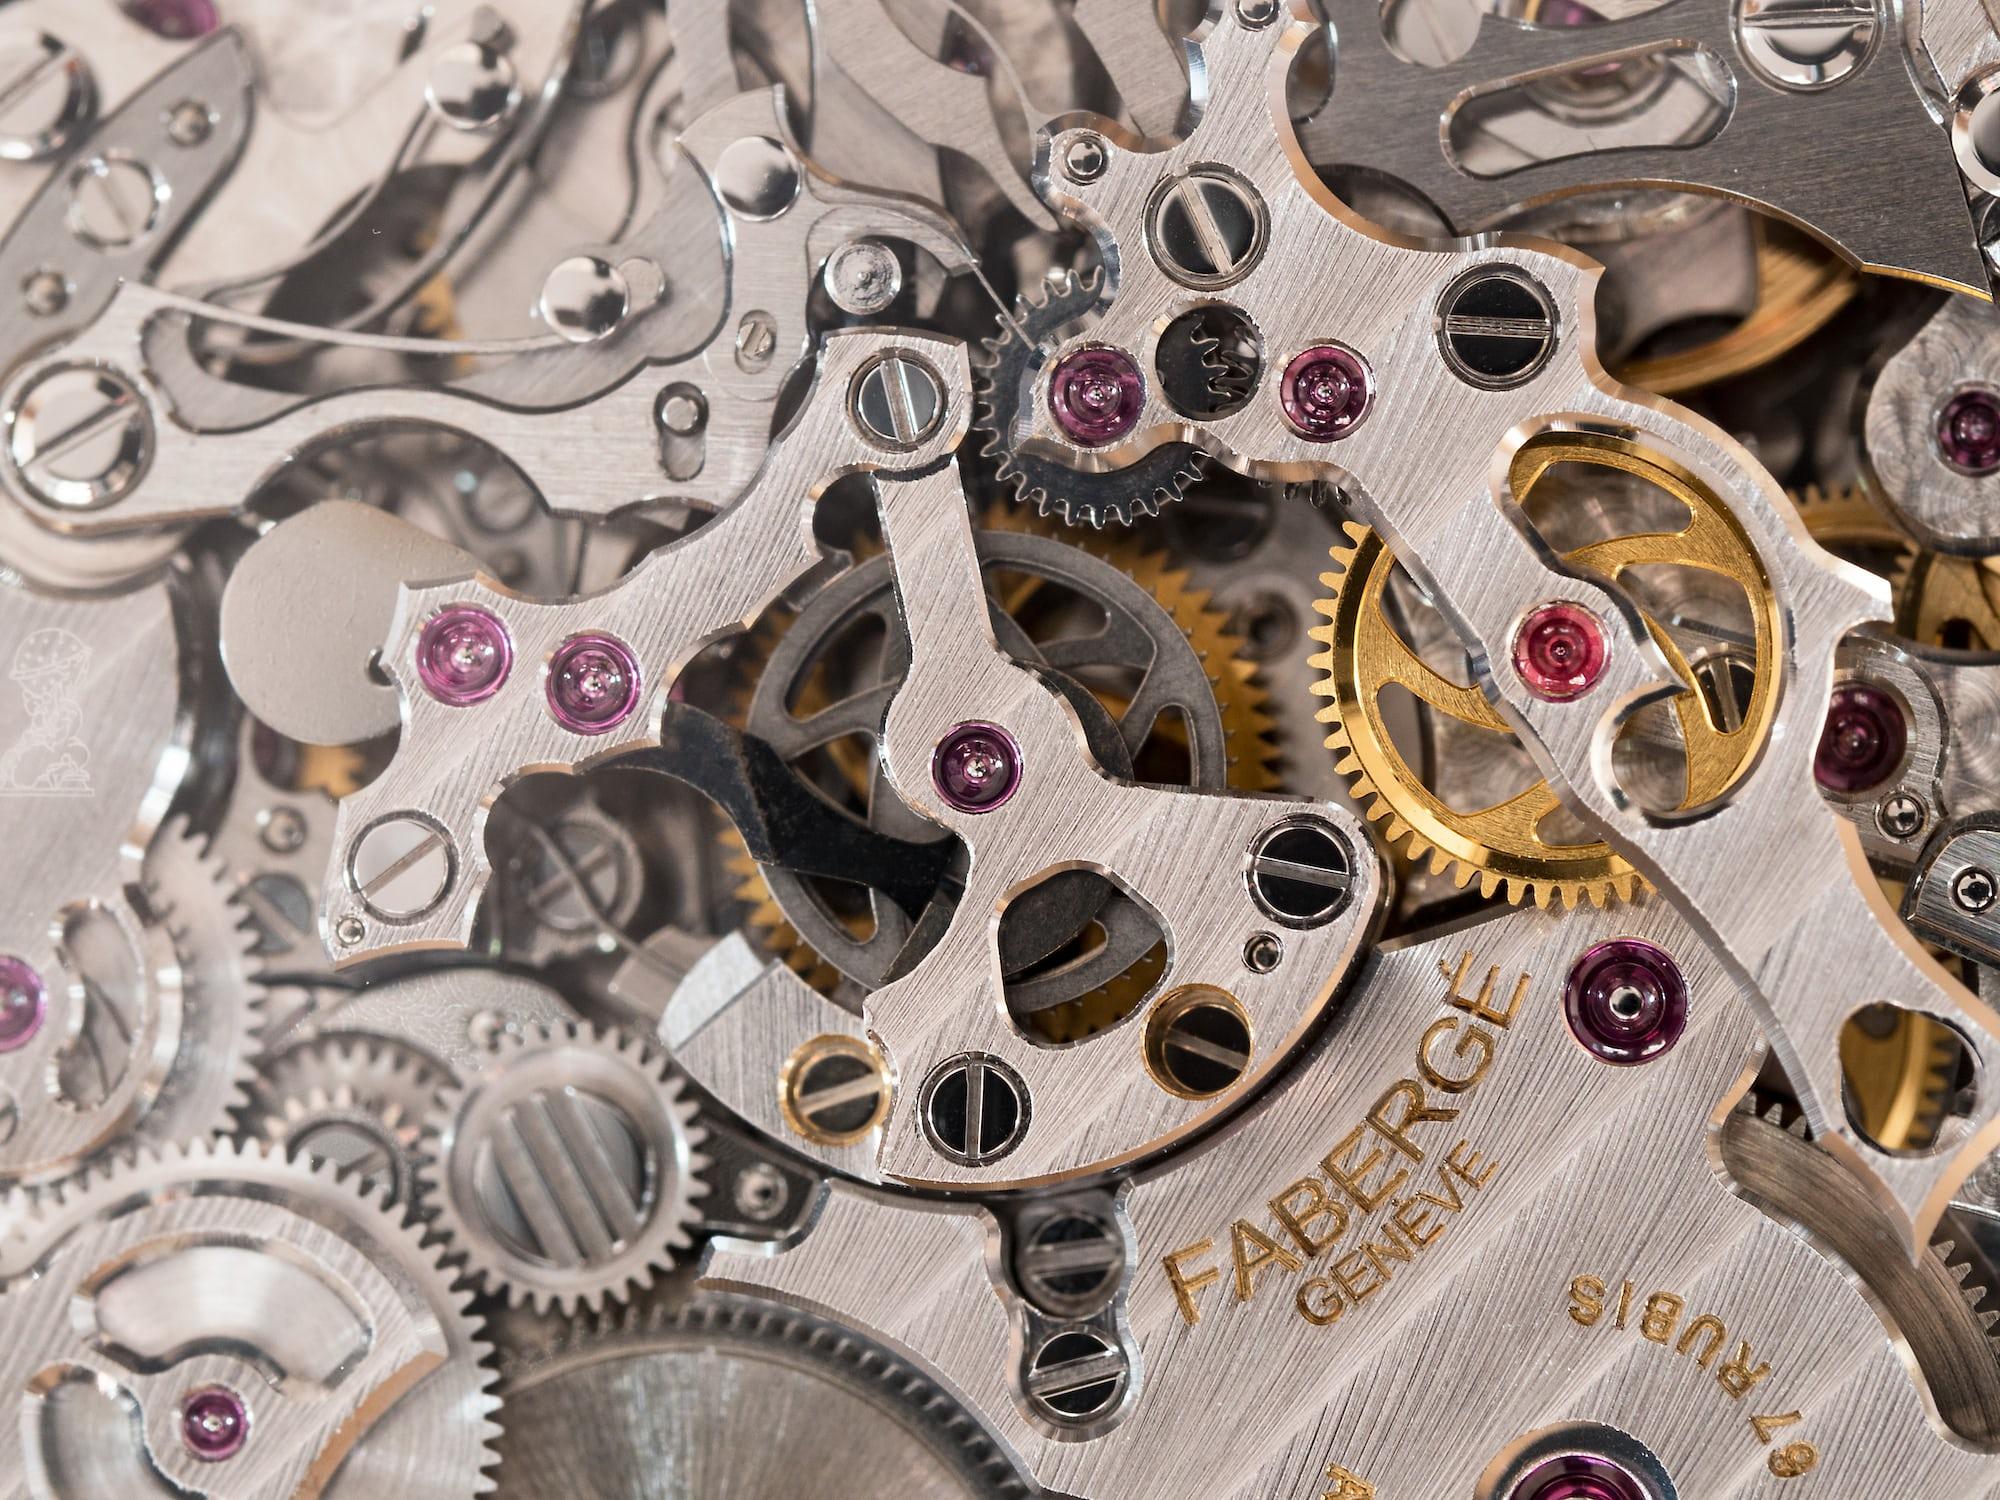 Fabergé Visionnaire Chronograph lateral clutch closeup.